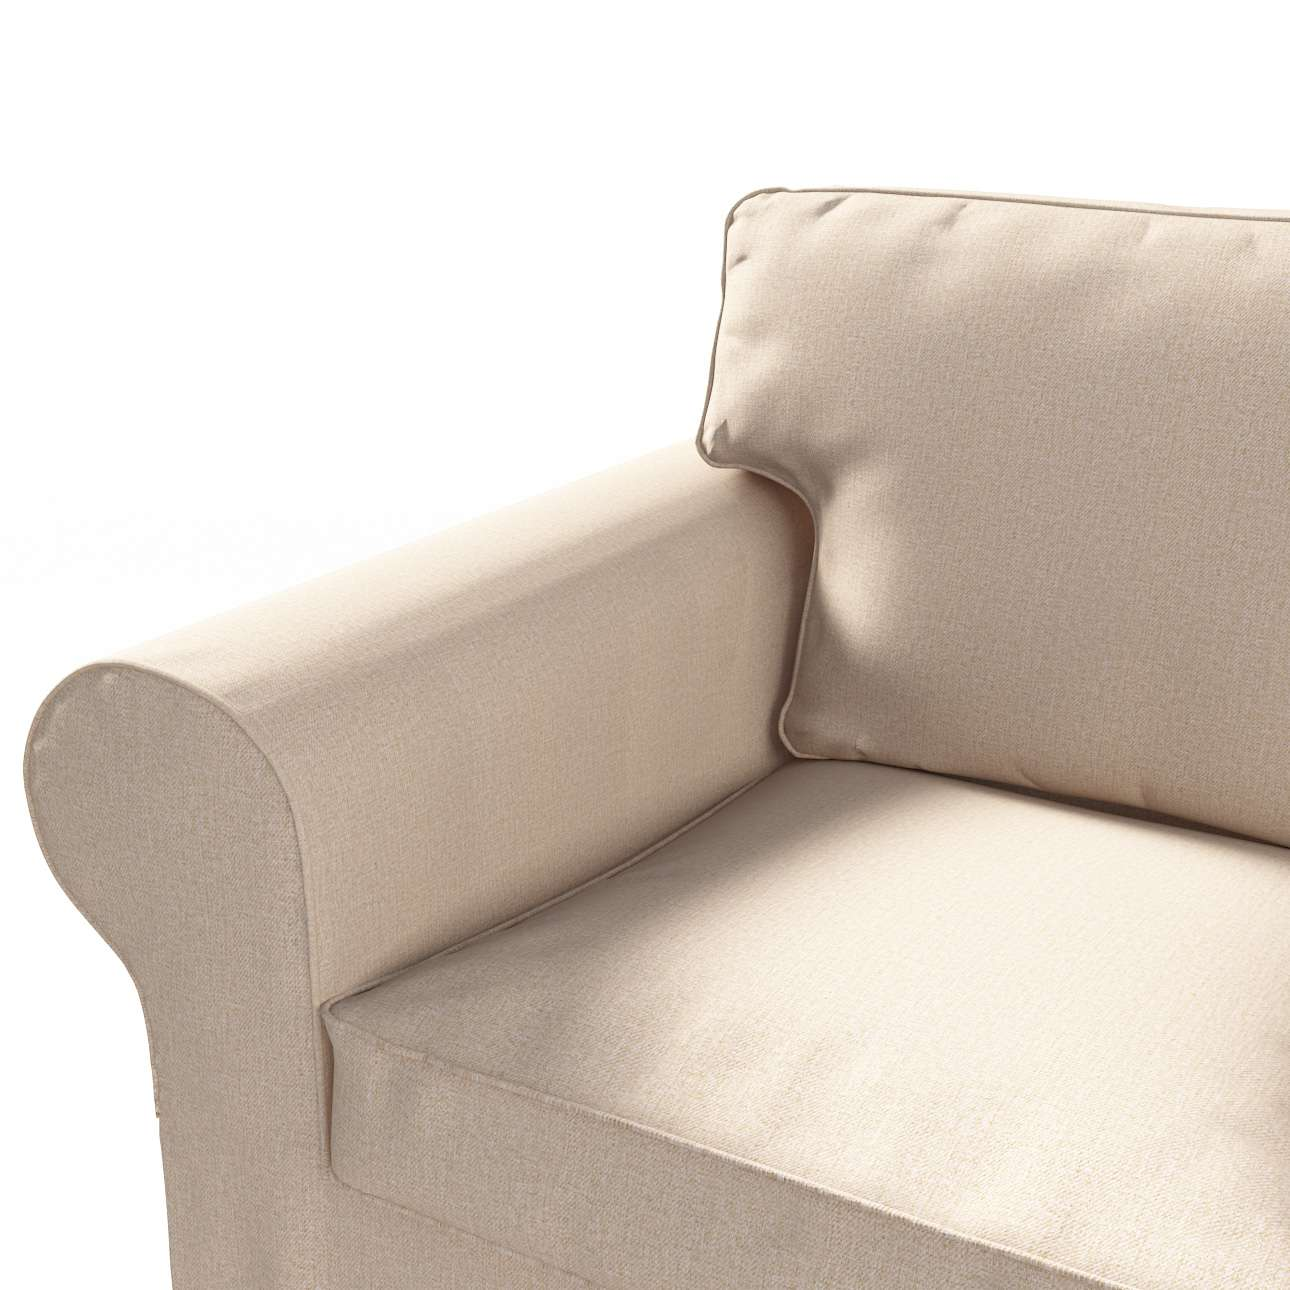 Pokrowiec na sofę Ektorp 3-osobową, rozkładaną NOWY MODEL 2013 w kolekcji Edinburgh, tkanina: 115-78